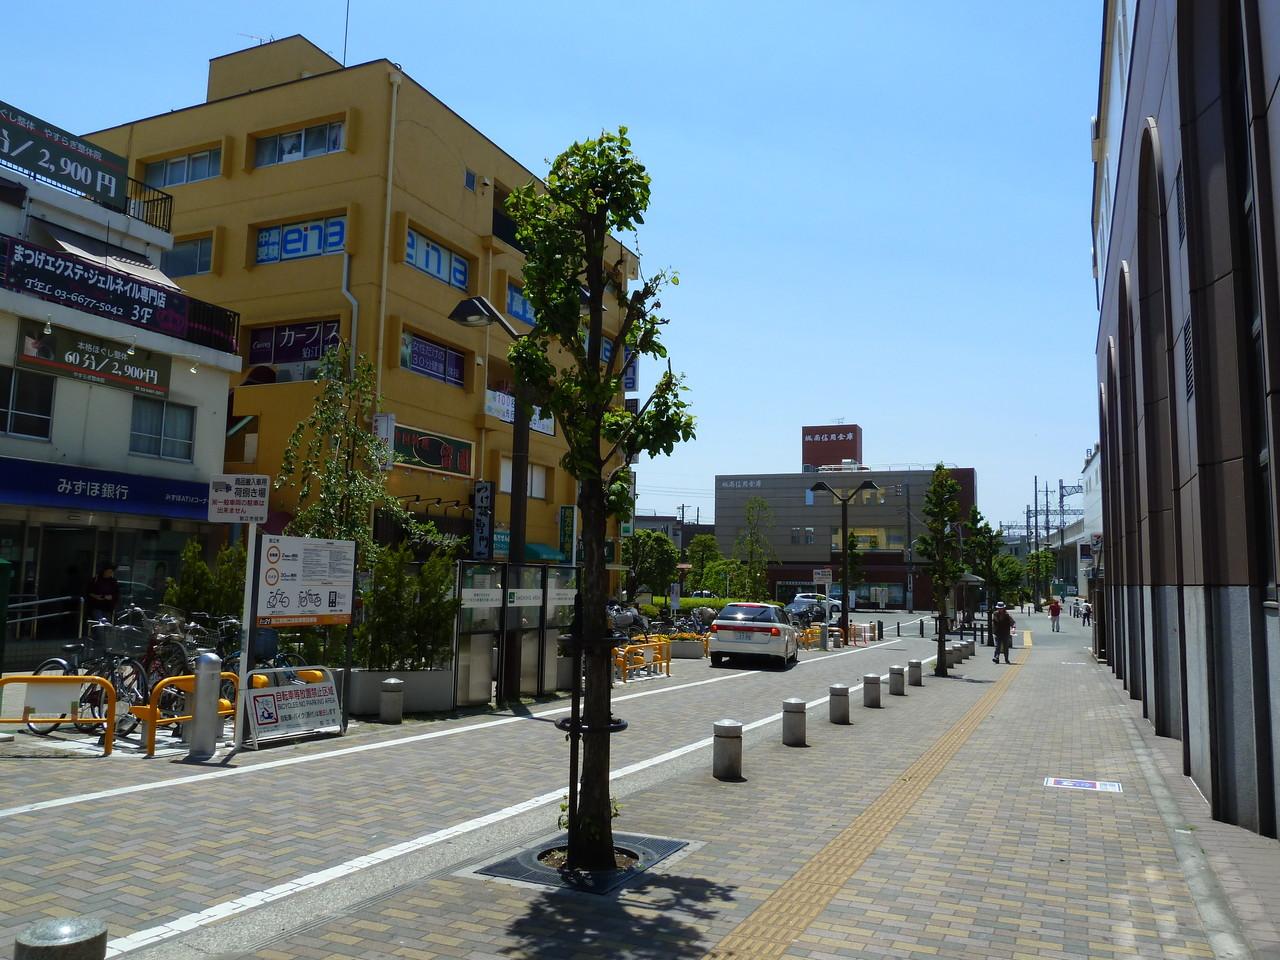 南口ロータリーを東京都民銀行方向へ進みます。